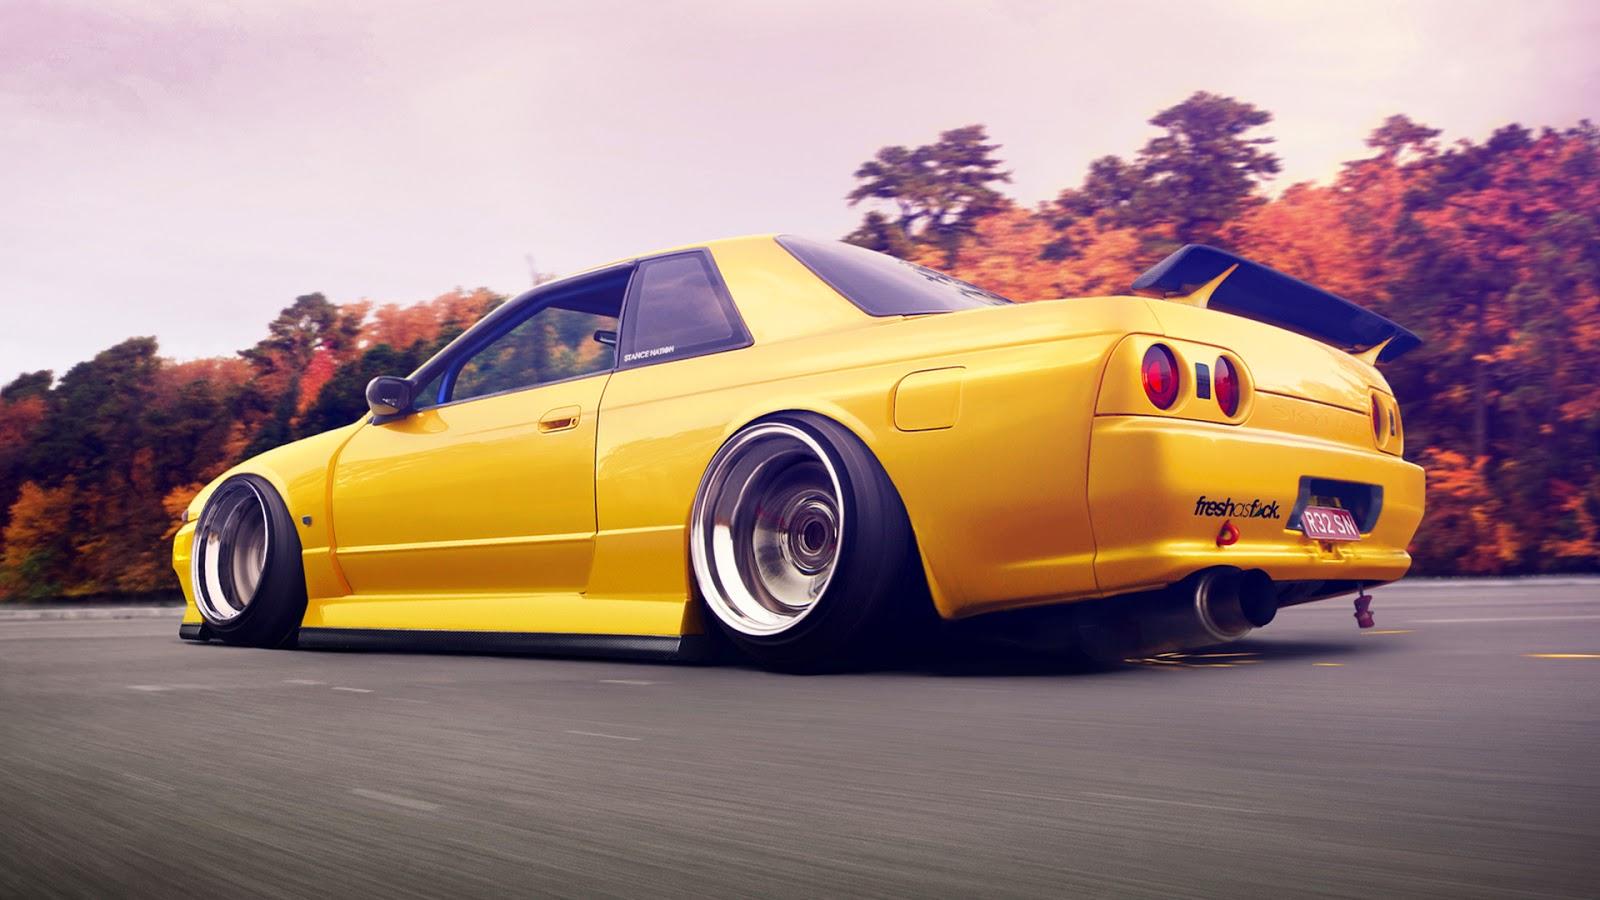 Wallpaper met gele sportwagen